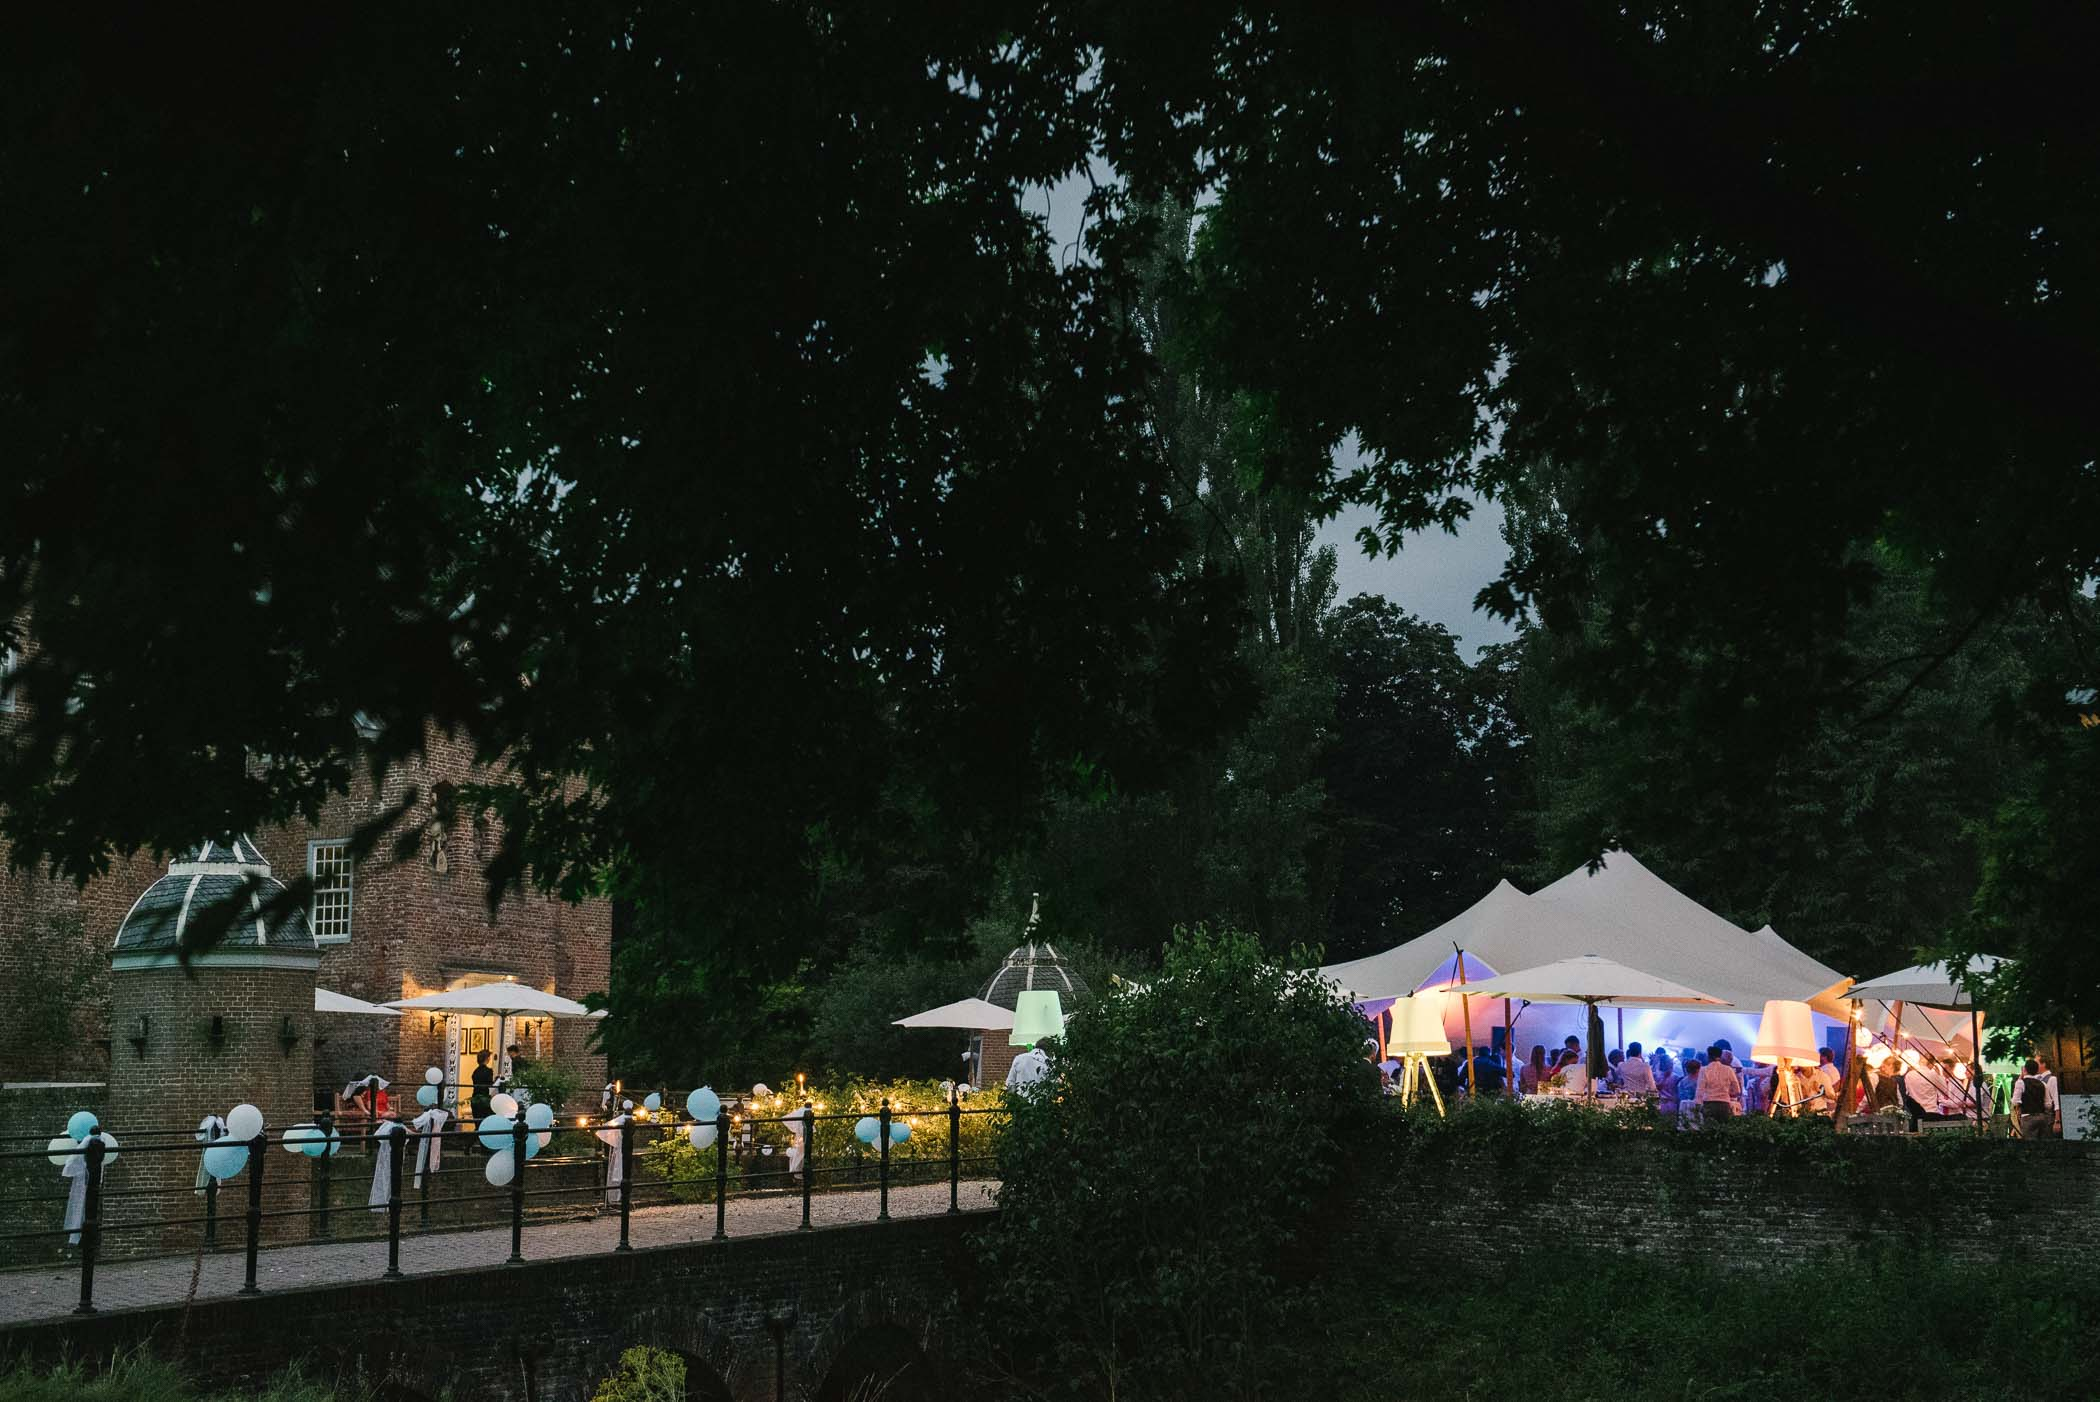 mooiste locaties trouwceremonie buiten trouwfeest